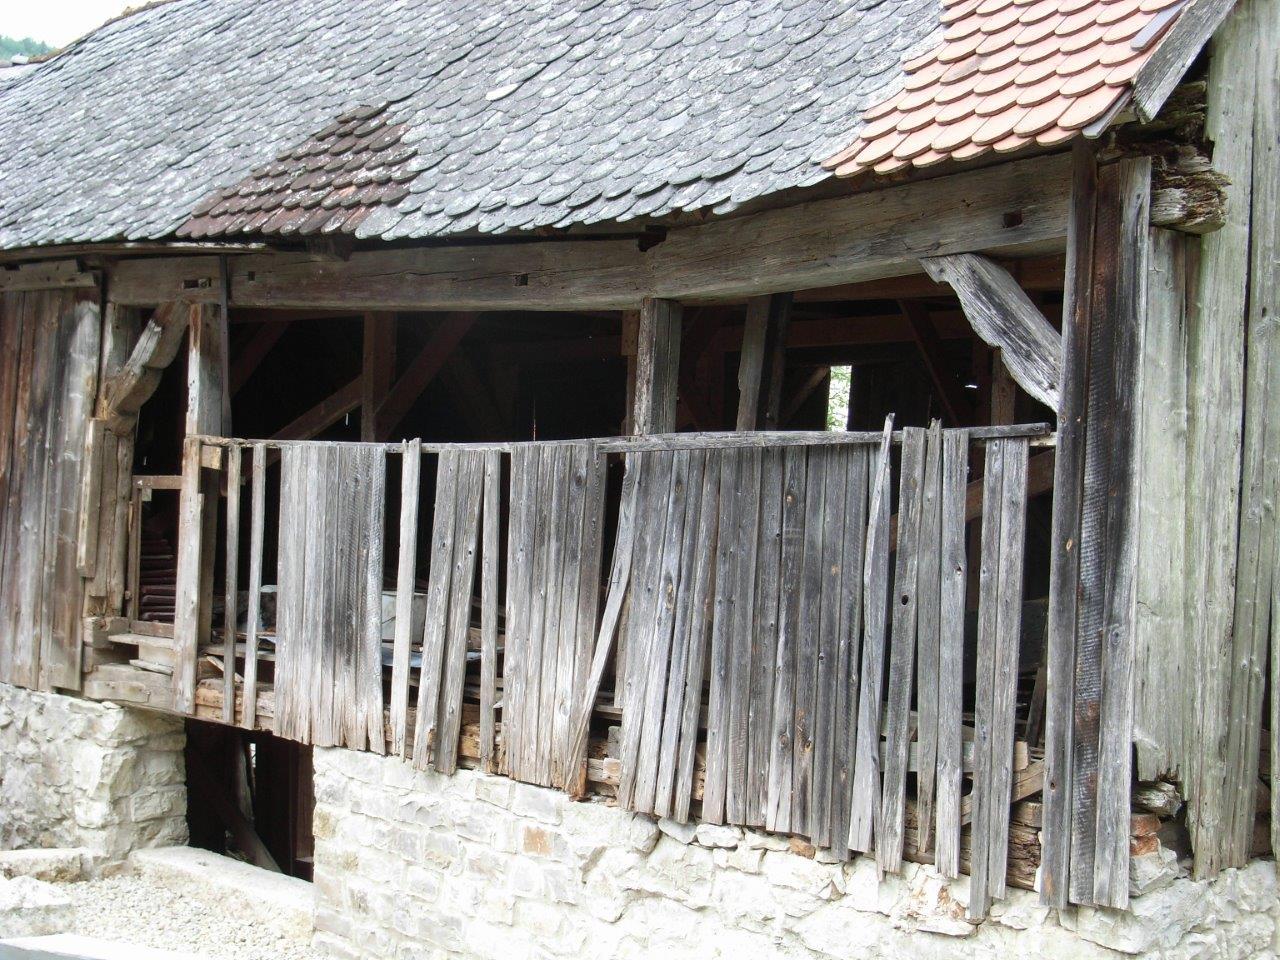 Zustand vor der Sanierung (Quelle: http://www.obermuehle-muehlbach.de/images/5.jpg)